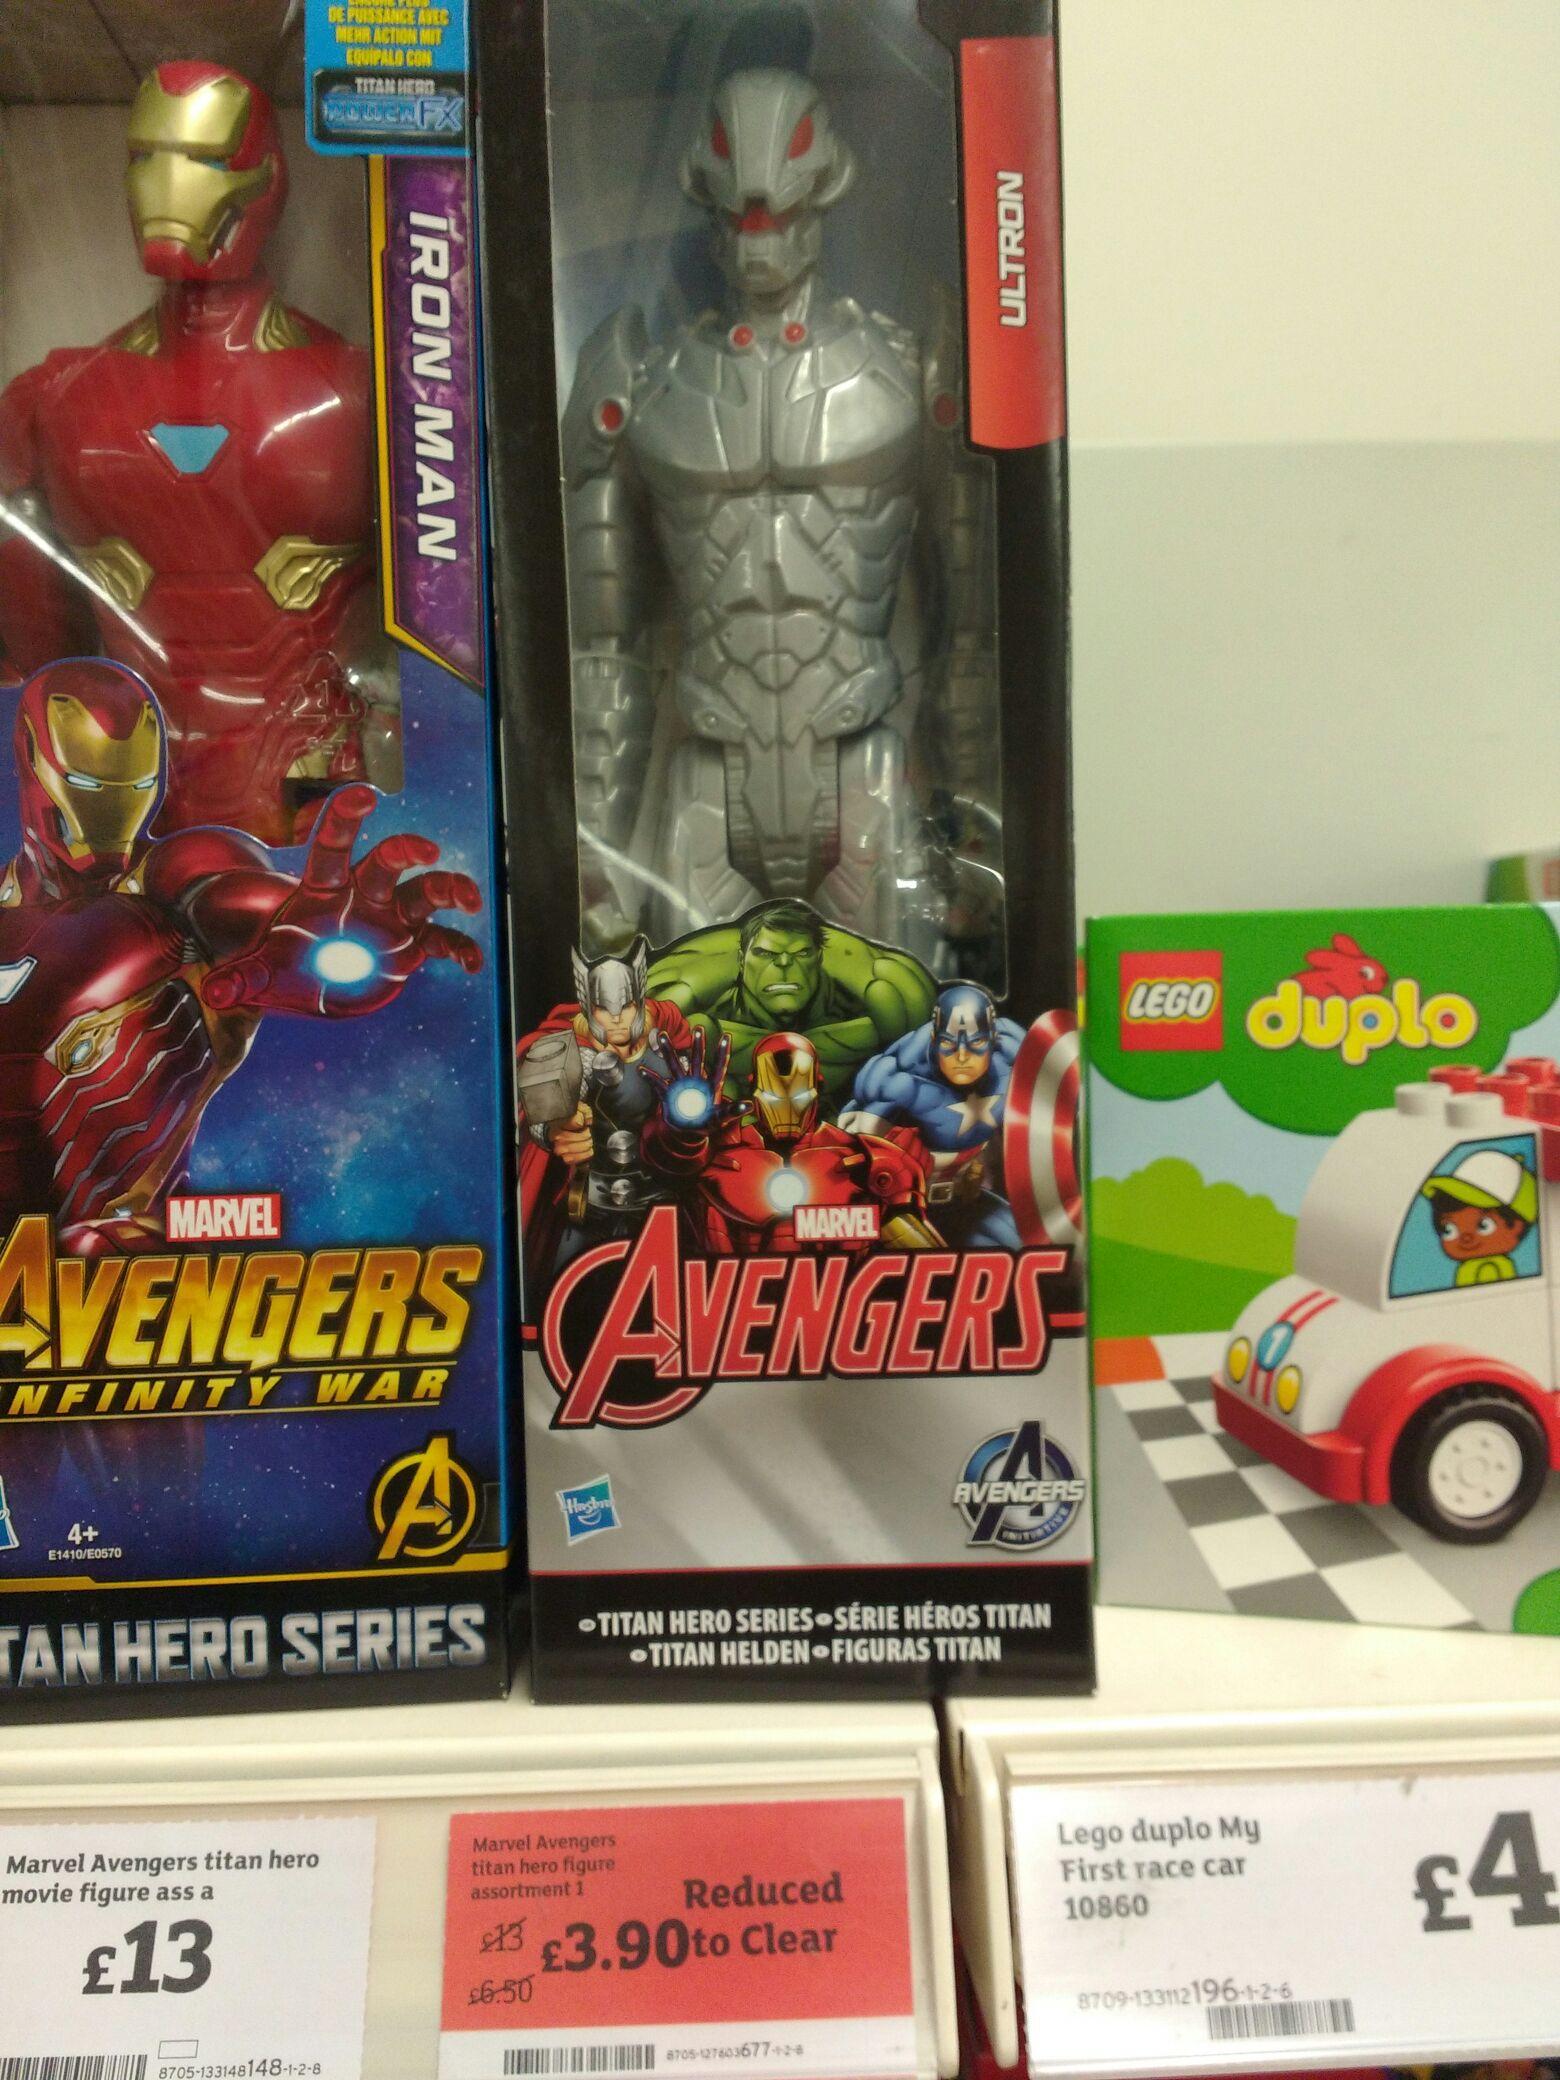 Marvel Avengers Titan Hero - £3.90 instore @ Sainsbury's (Eastbourne)